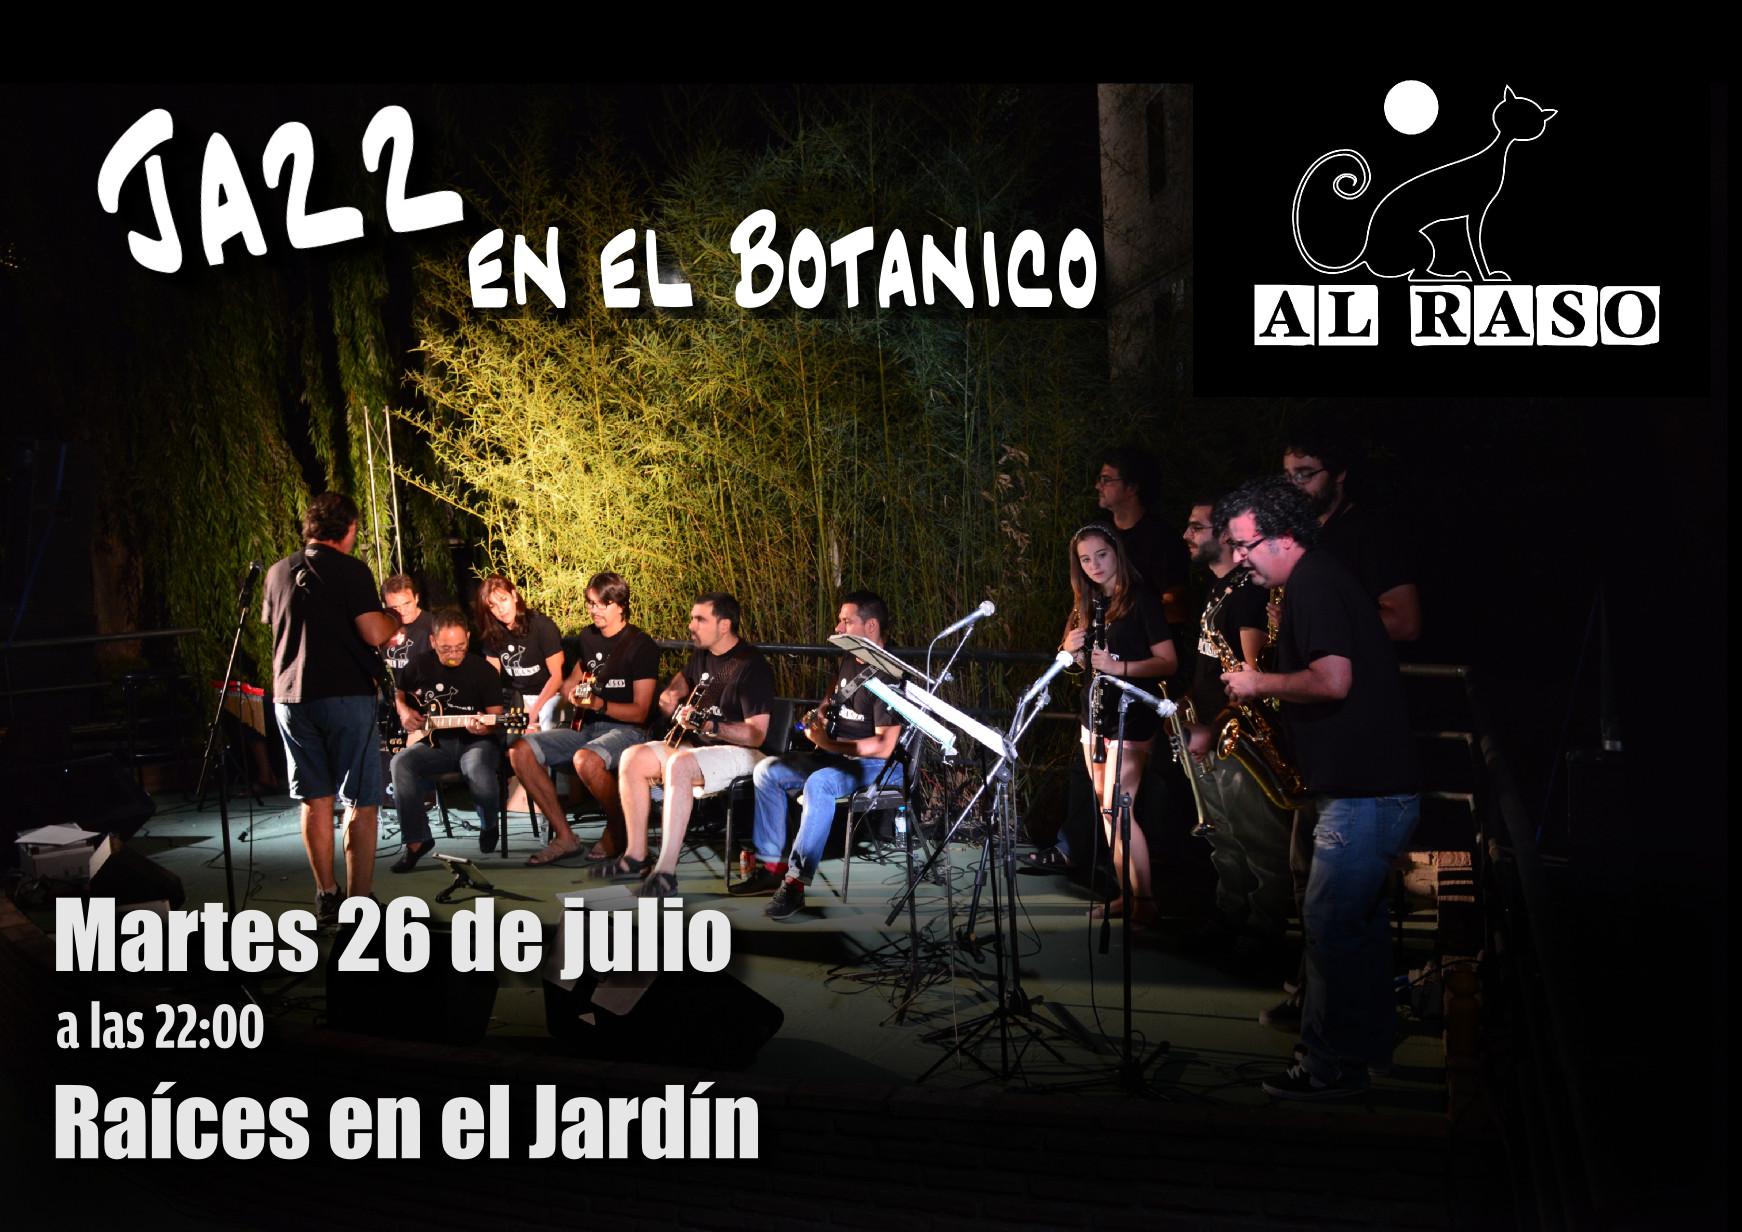 26j concierto en el jard n bot nico al raso for Jardin botanico conciertos